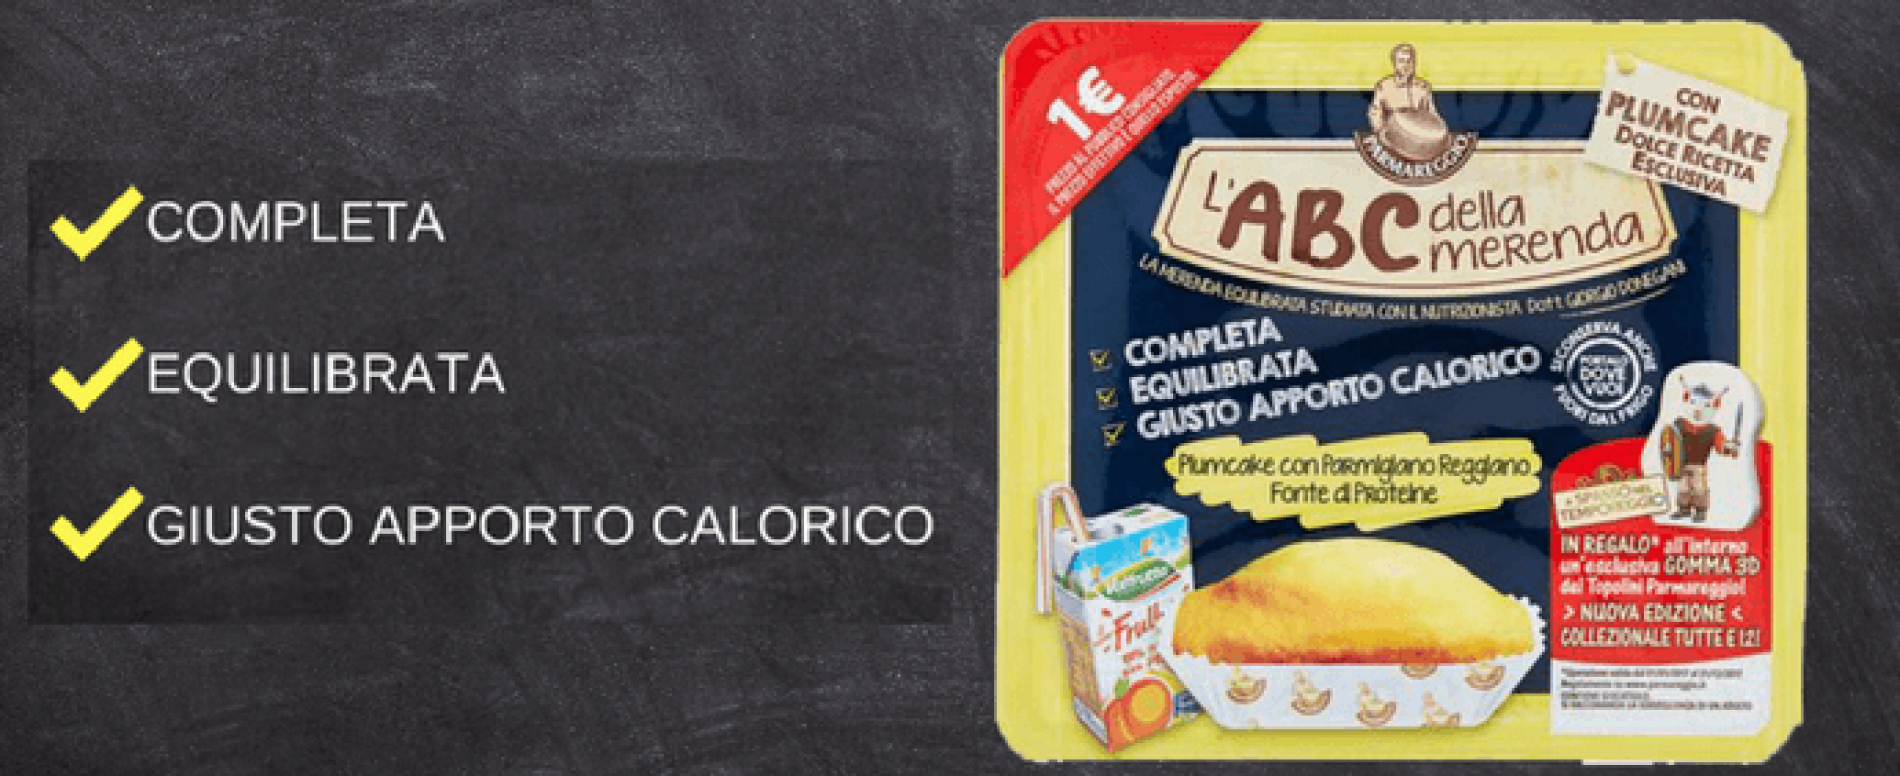 Da Parmareggio è arrivato l'ABC della Merenda dolce